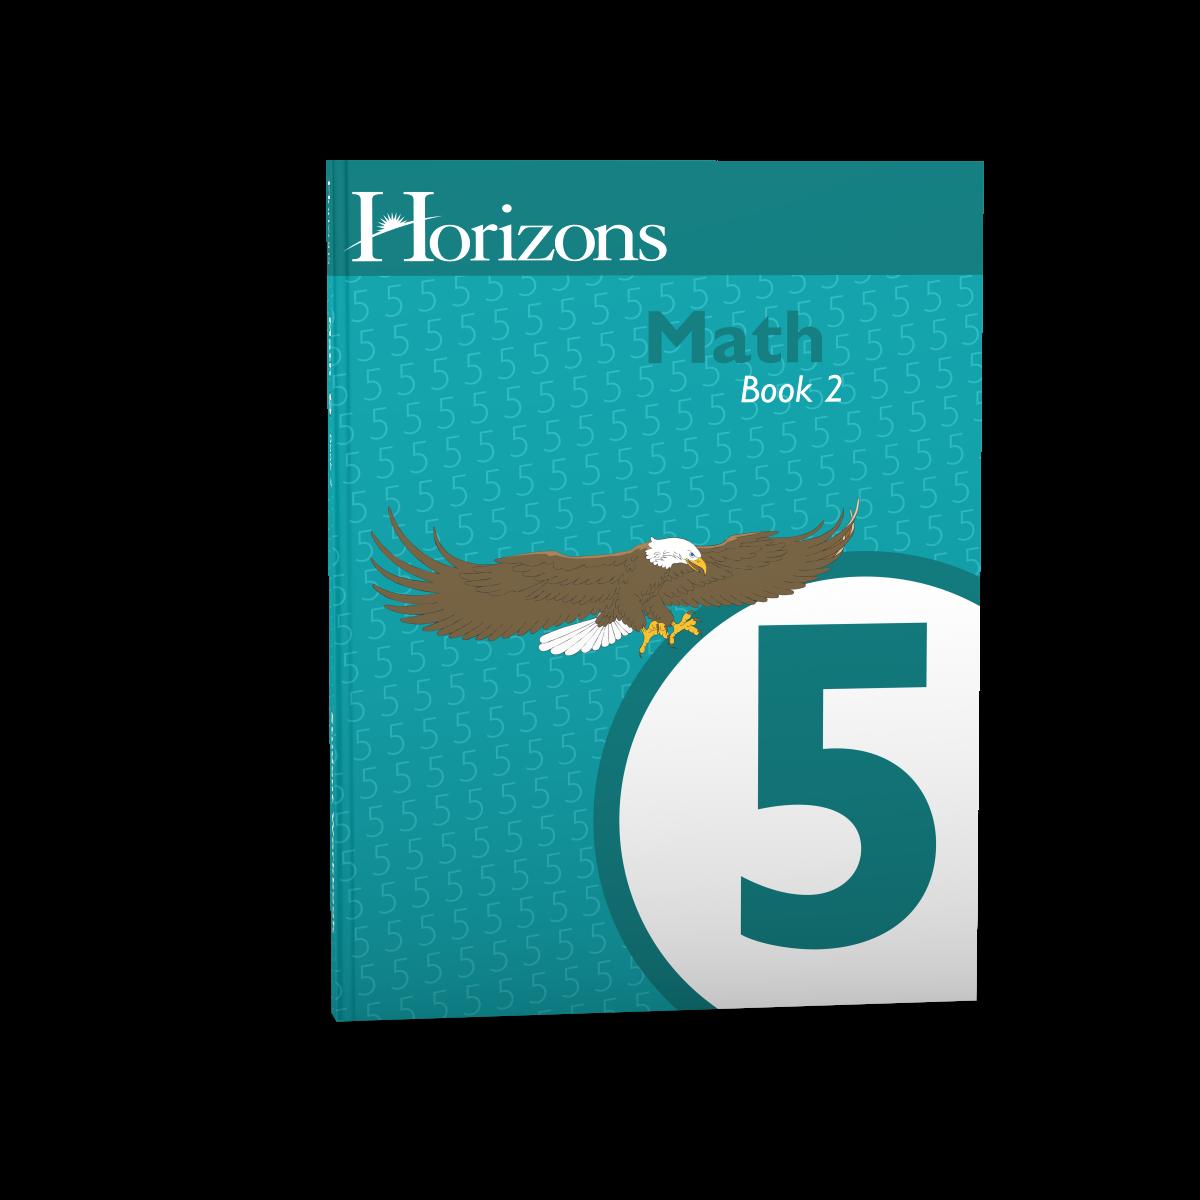 Horizons 5th Grade Math Student Book 2 Aop Homeschooling